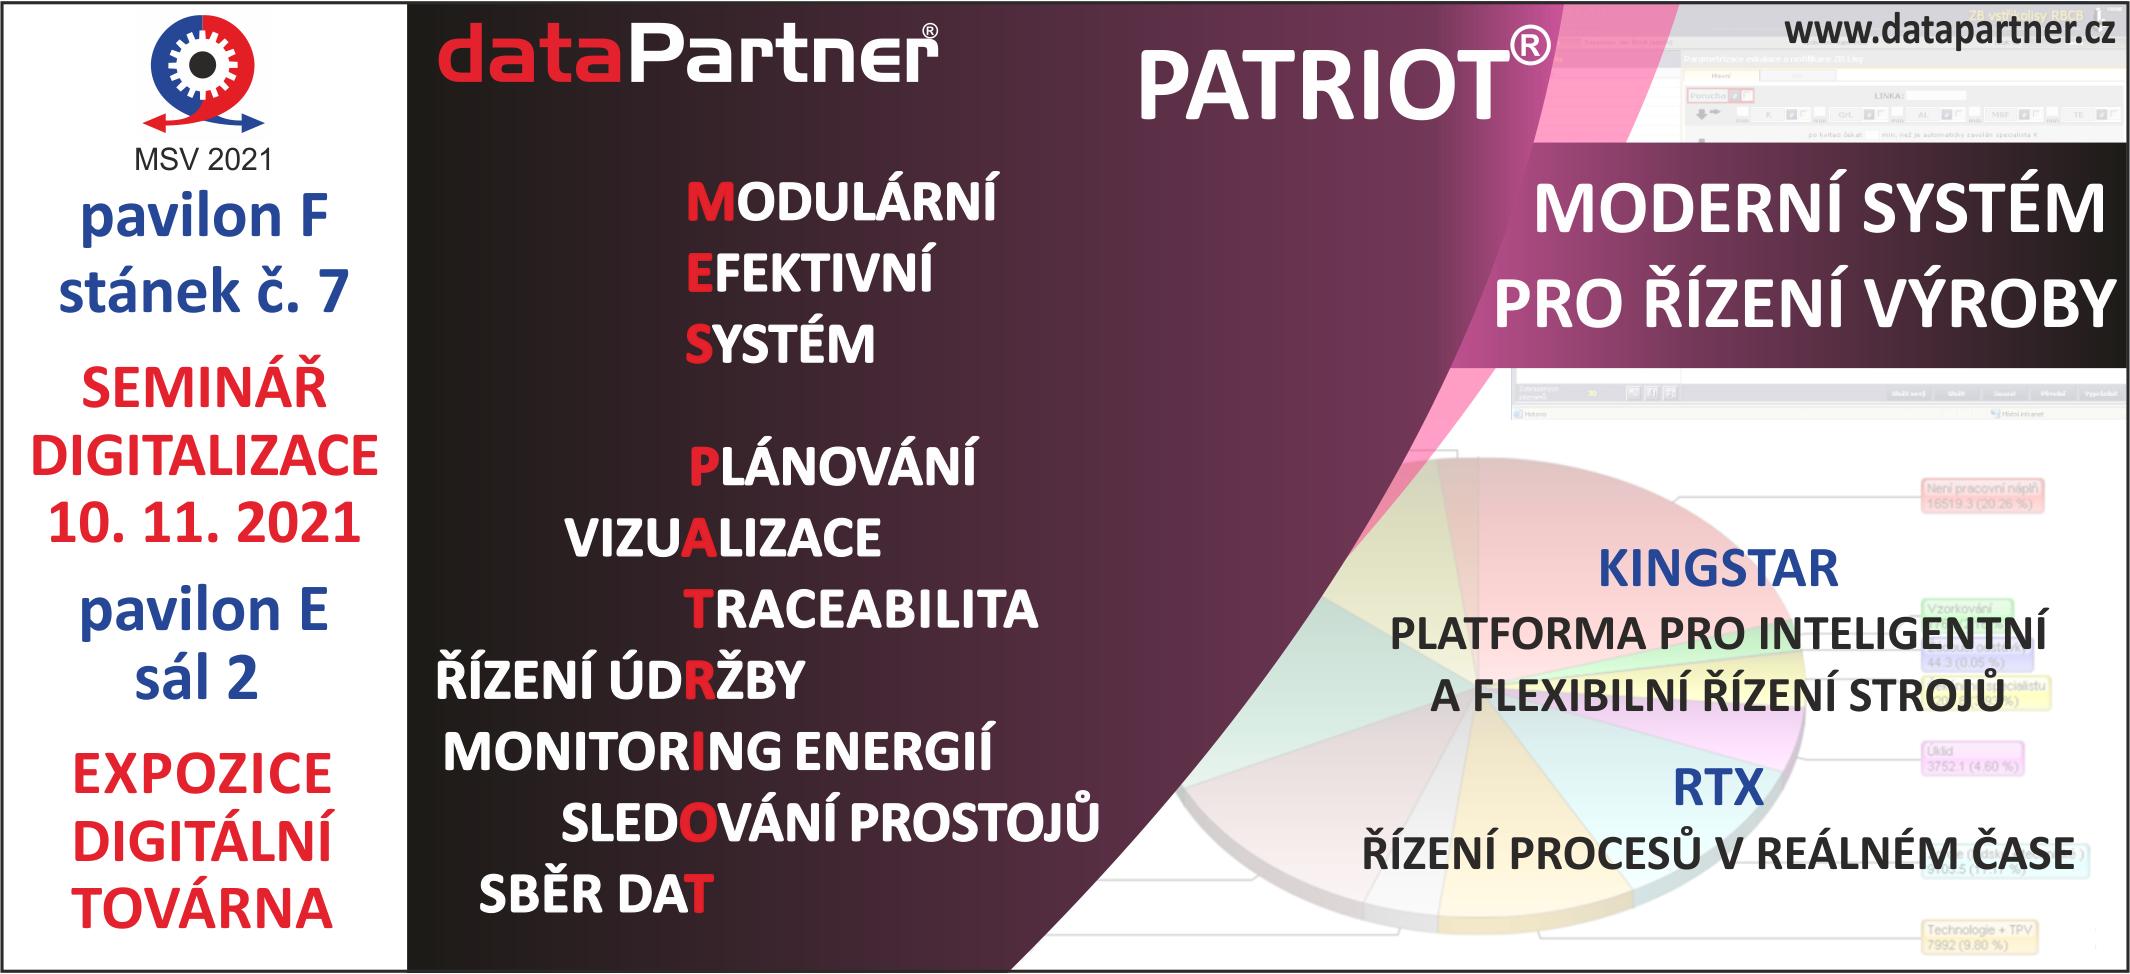 POZVÁNKA DATAPARTNER MSV 2021